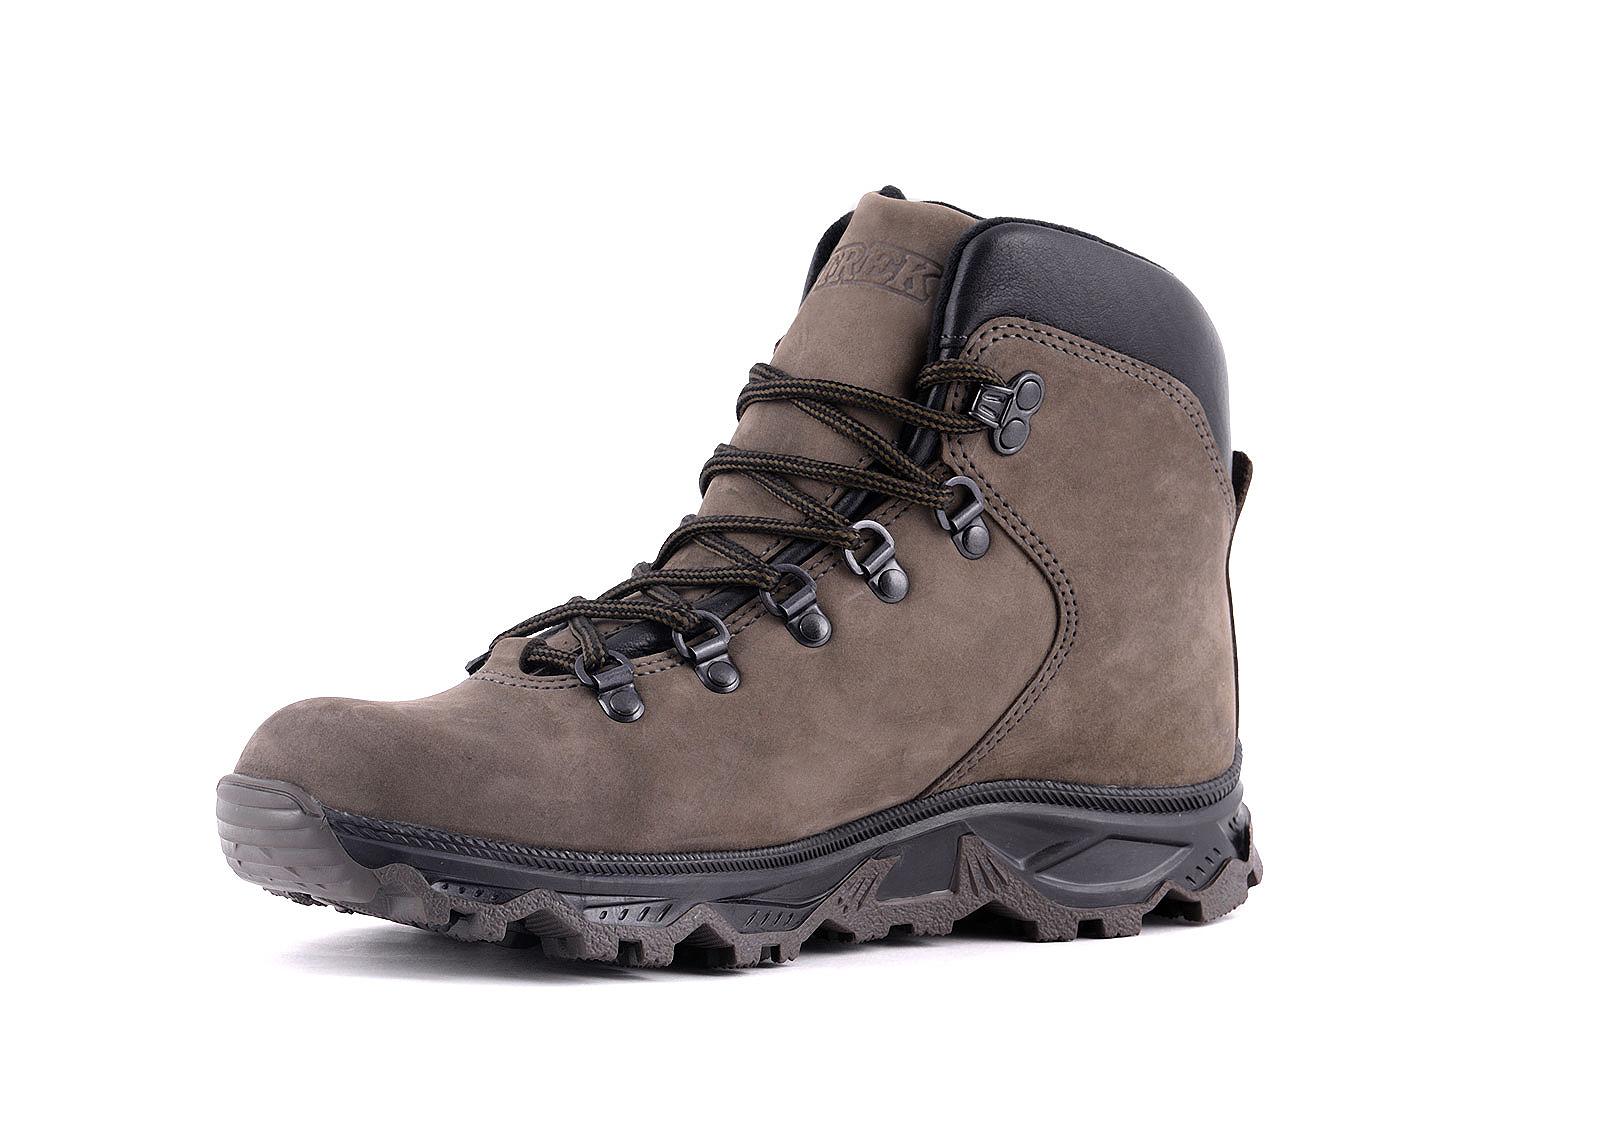 Купить Ботинки мужские TREK Hiking7 (капровелюр), Обувная фабрика Trek